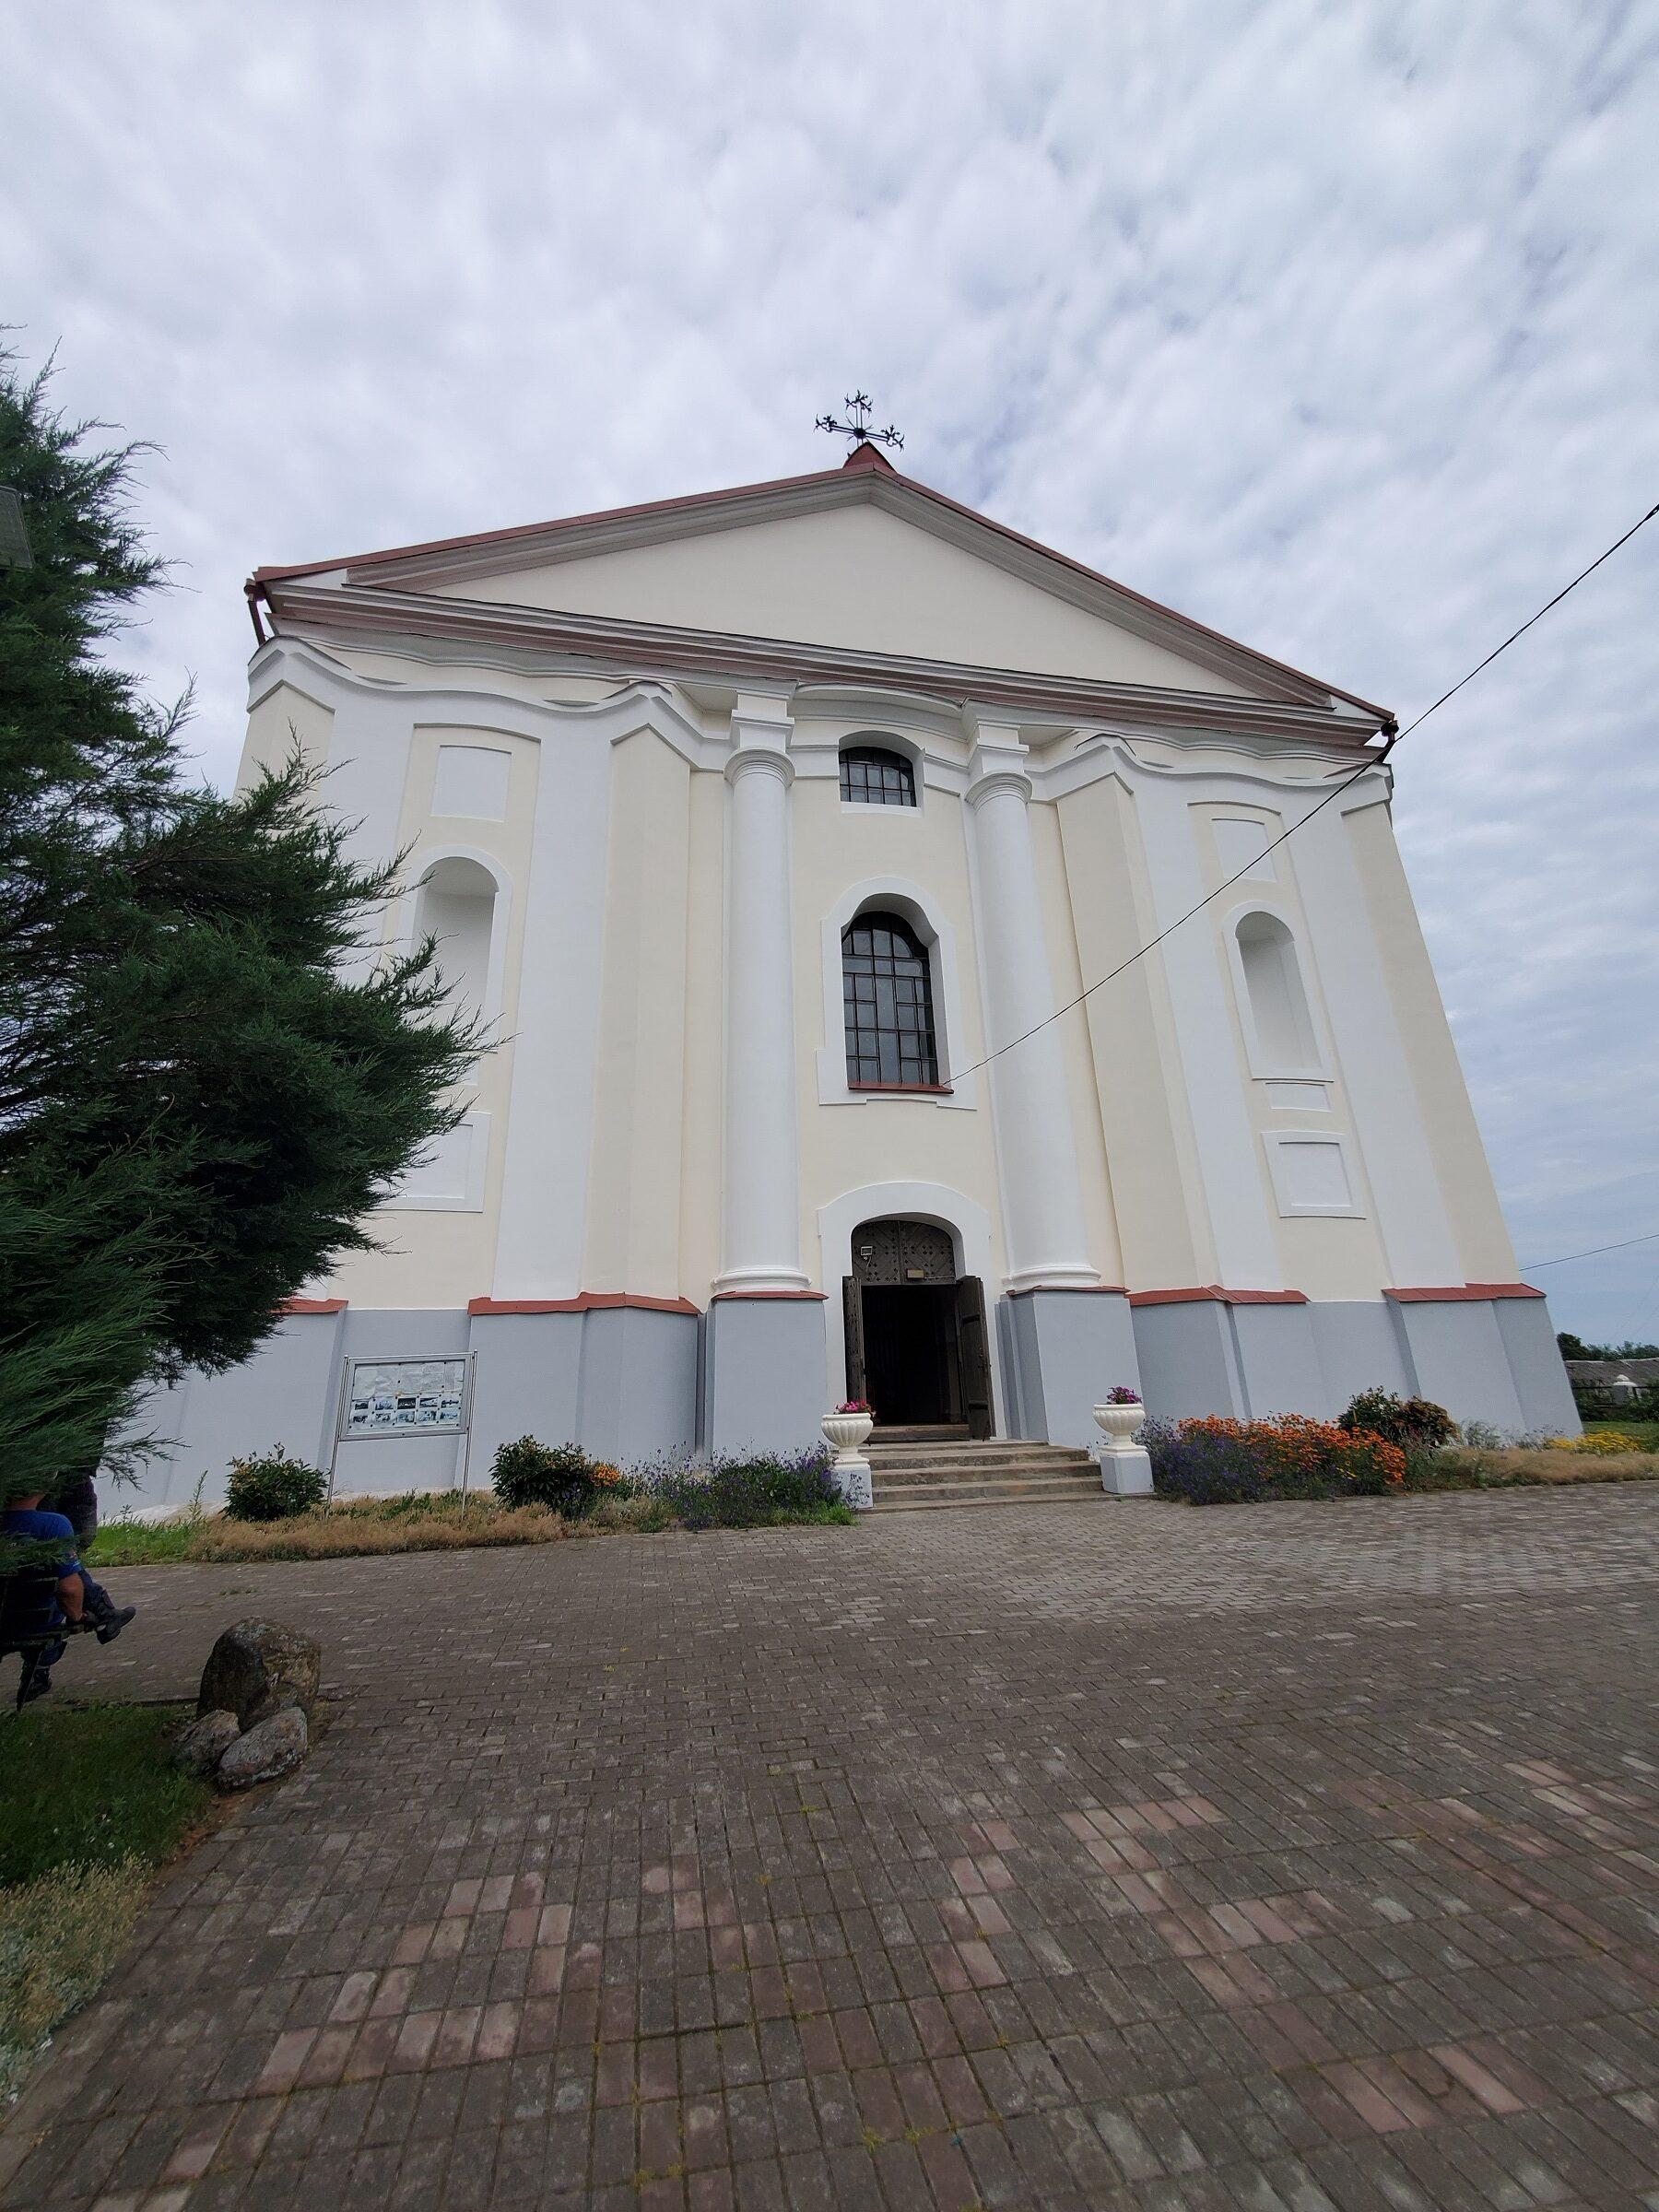 20200703 134022 1 rotated - Храм Непорочного Зачатия Девы Марии в Удело